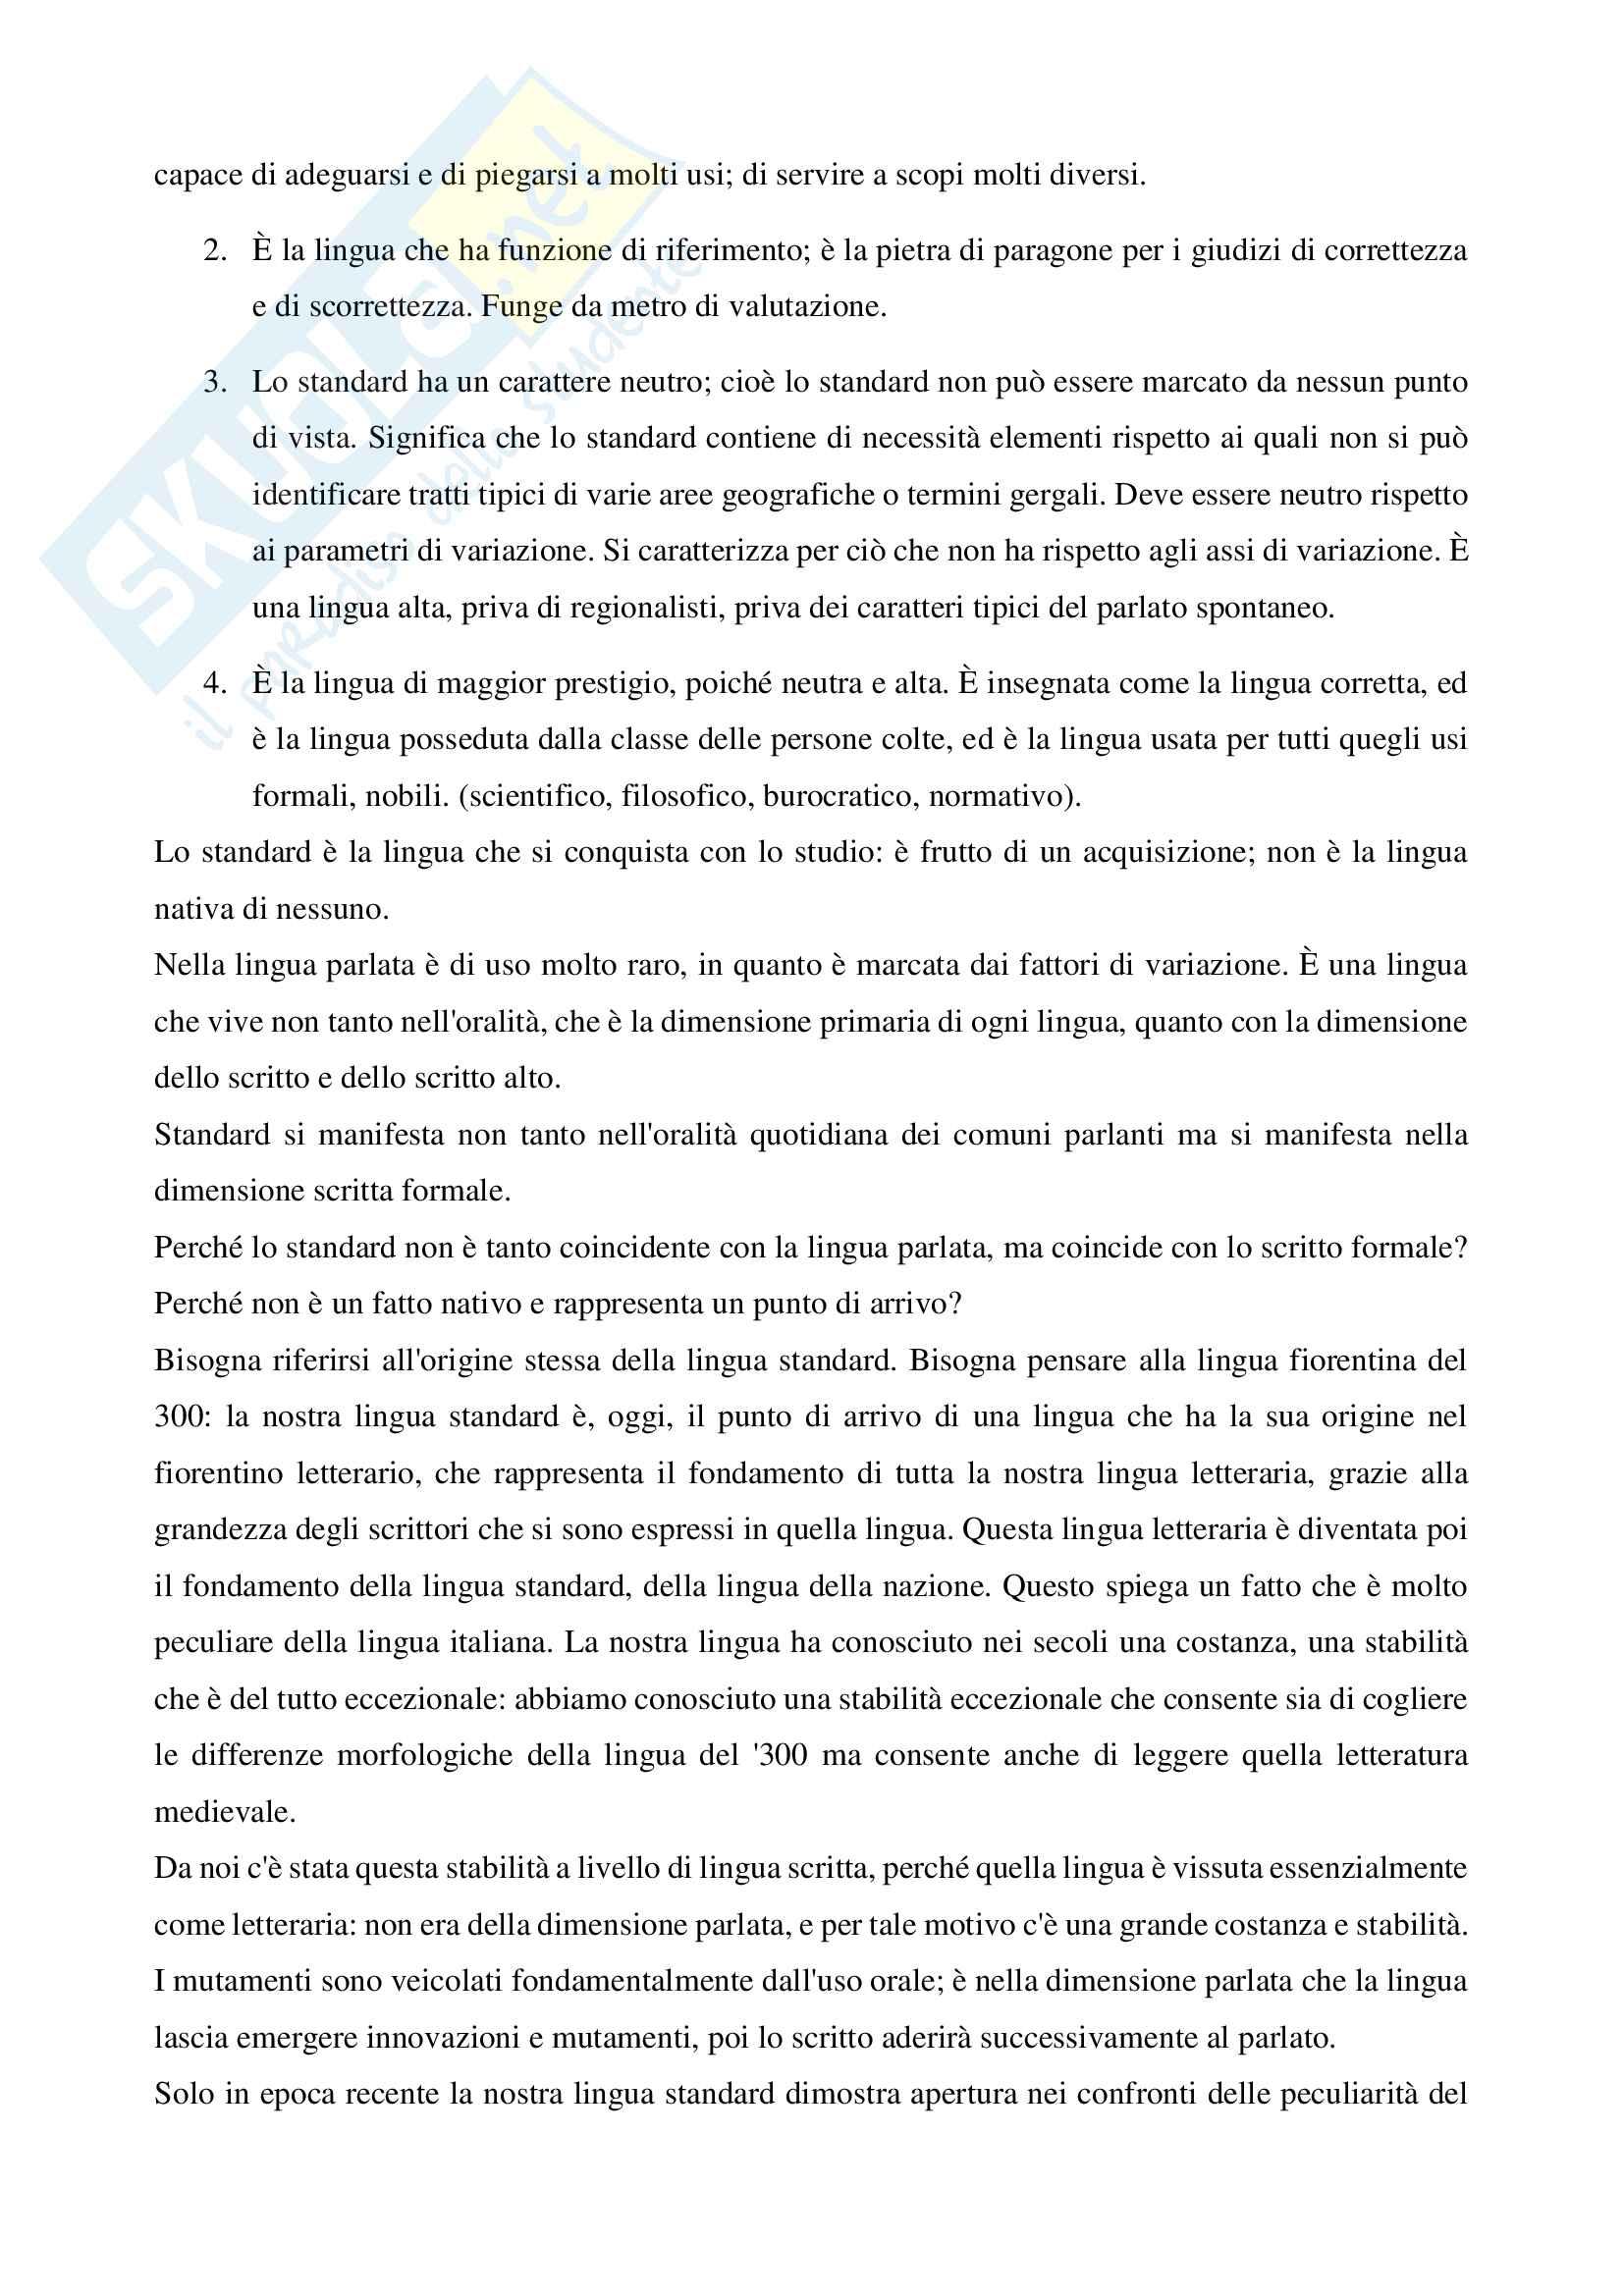 Riassunto esame Linguistica Italiana, prof. Mancini Pag. 41